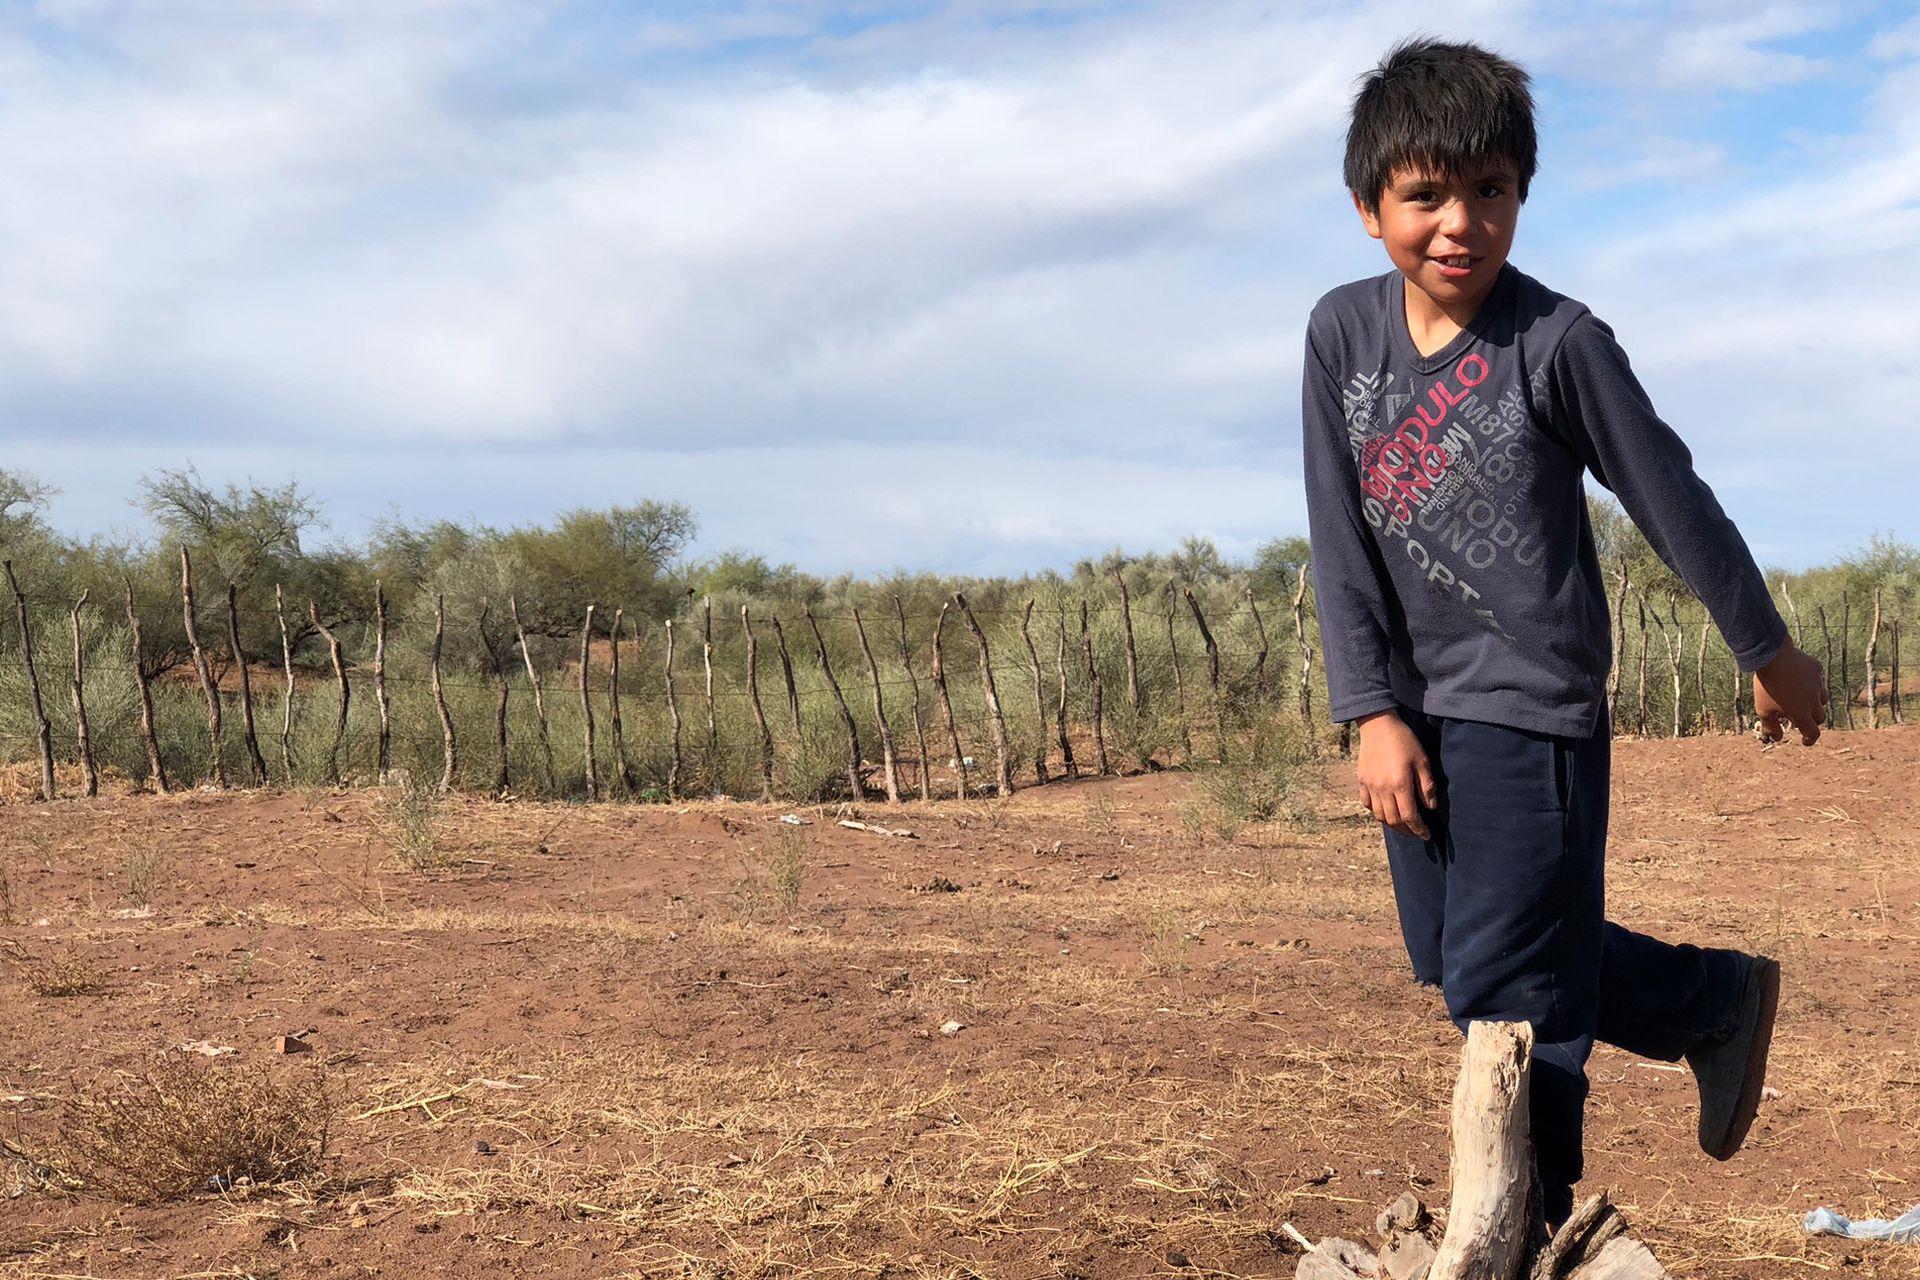 Bruno Marin Bustos tiene 8 años y tuvo que mudarse del campo a Bermejo para poder seguir estudiando. Le encanta jugar a la pelota y con las canicas con sus amigos y cuando sea grande quiere ser Policía.